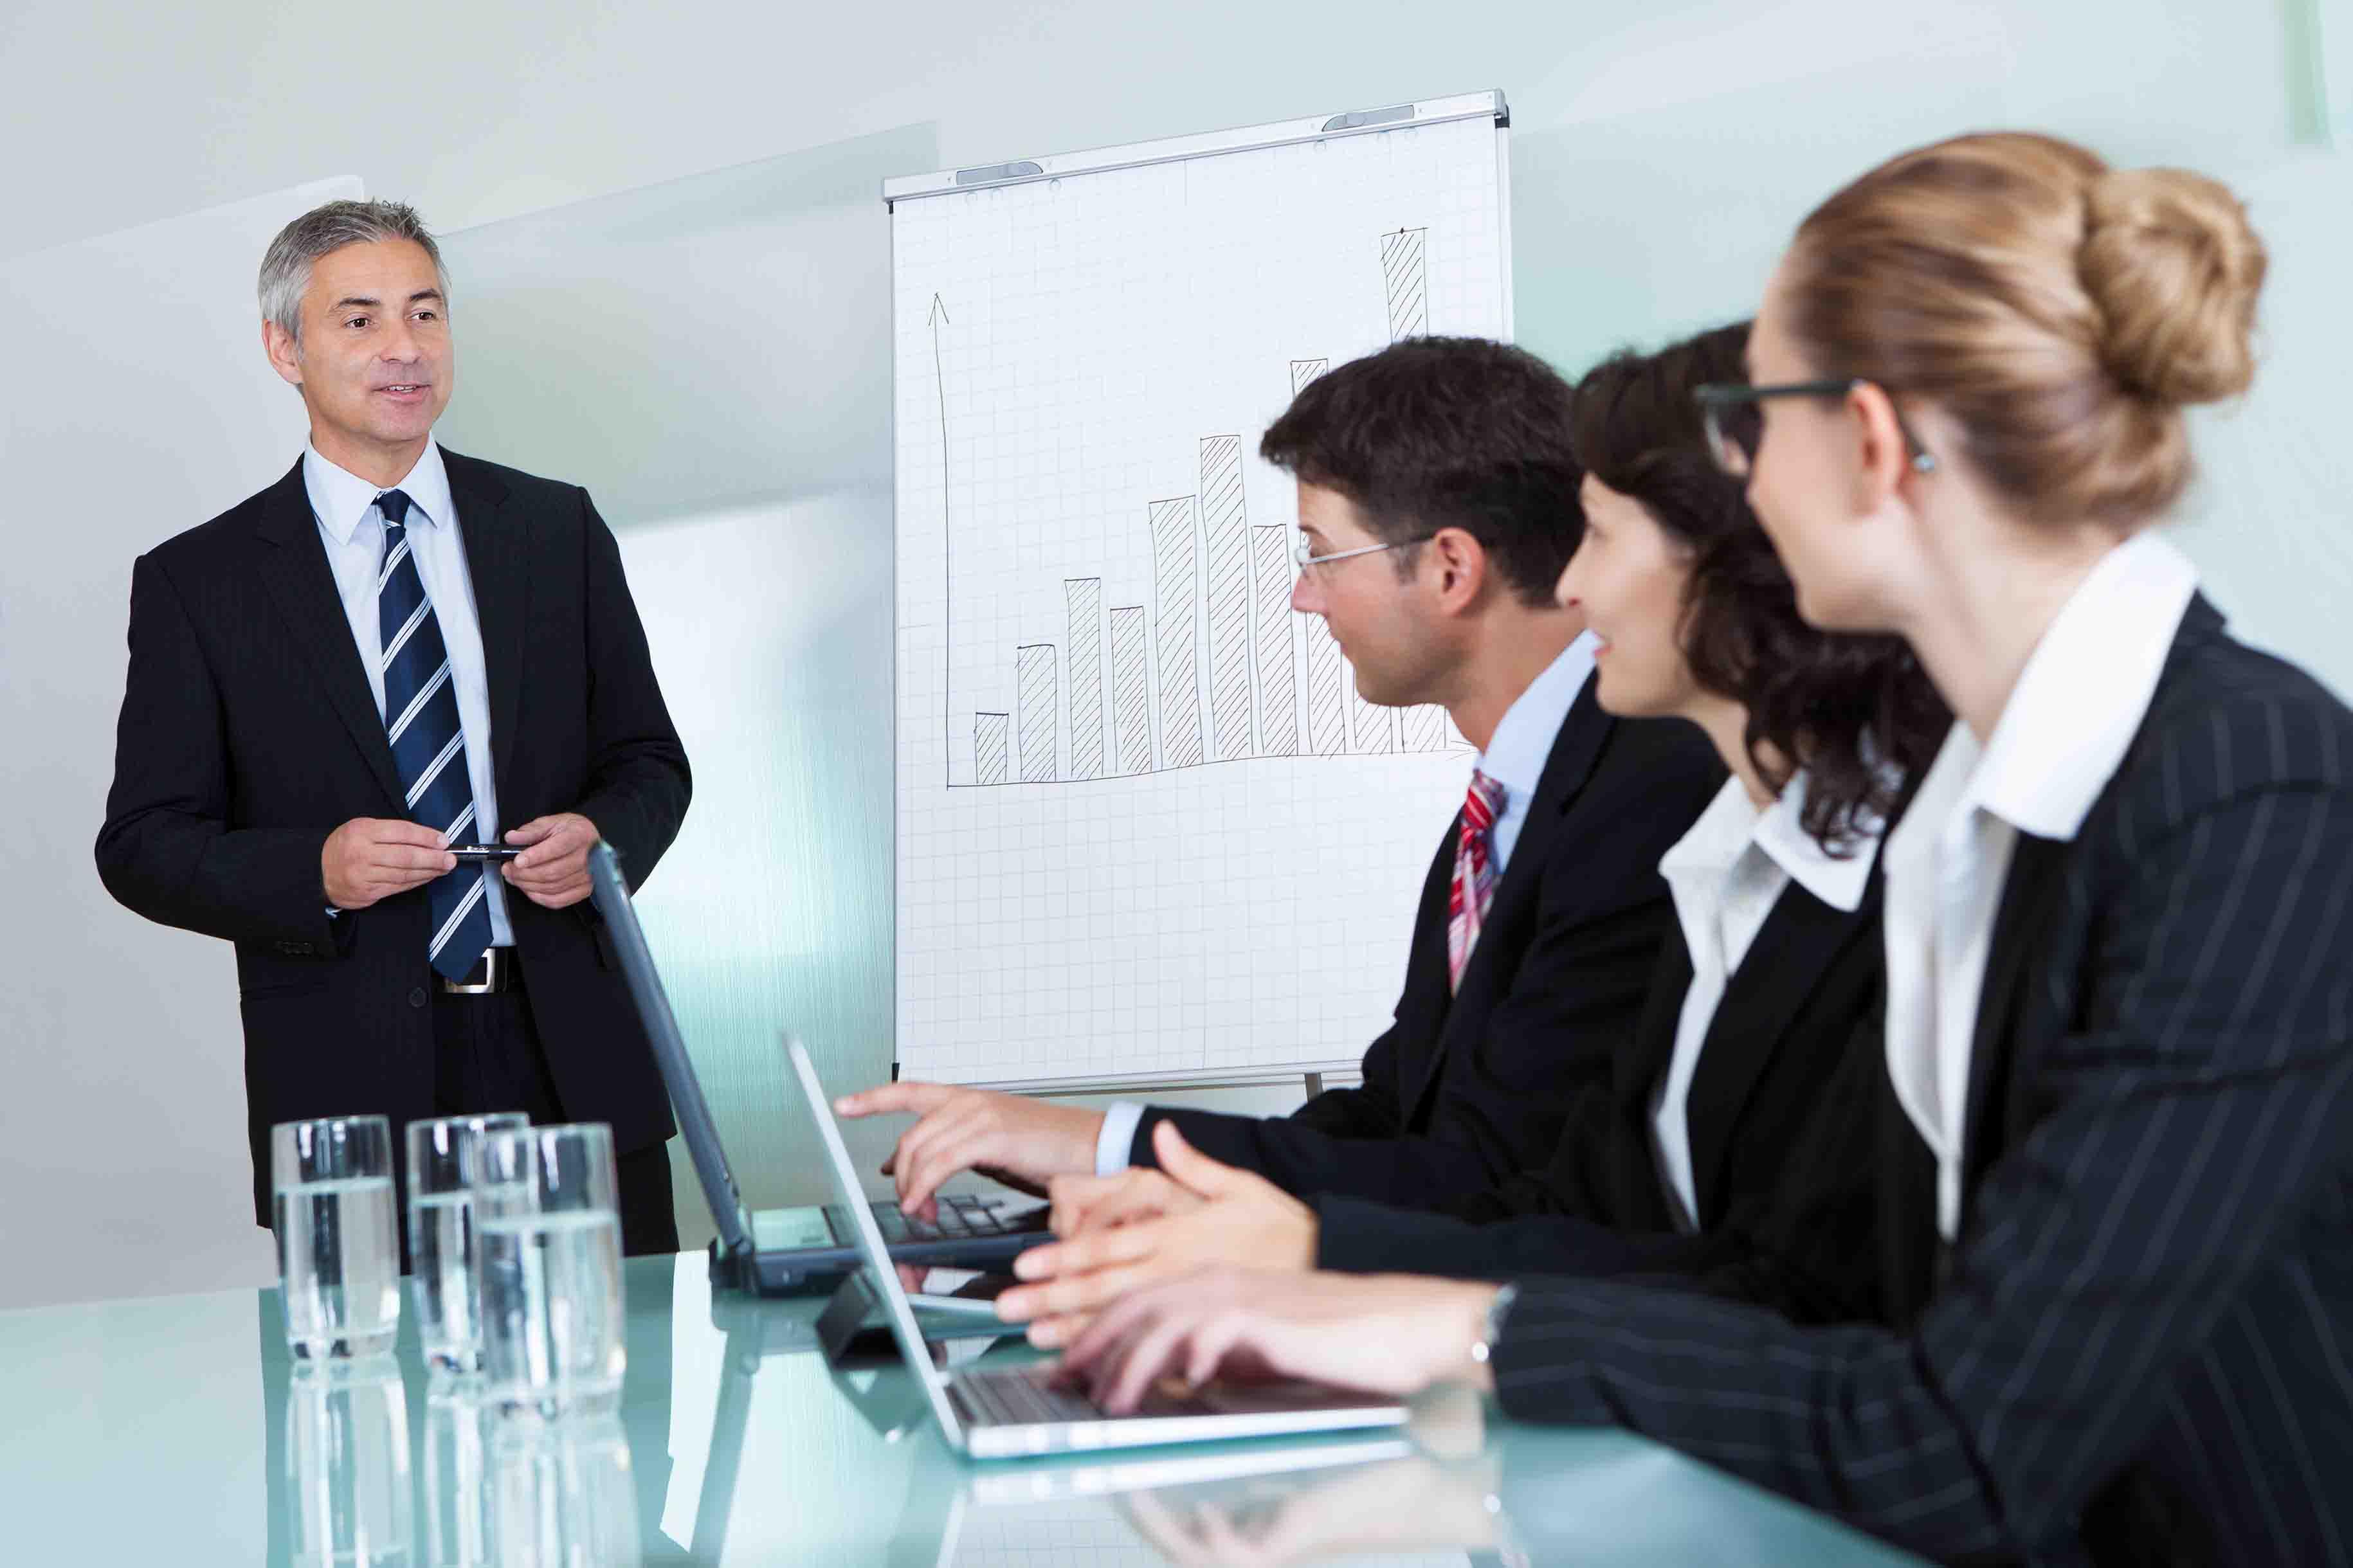 El_proceso_de_toma_de_decisiones_en_base_a_la_contabilidad_de_costes